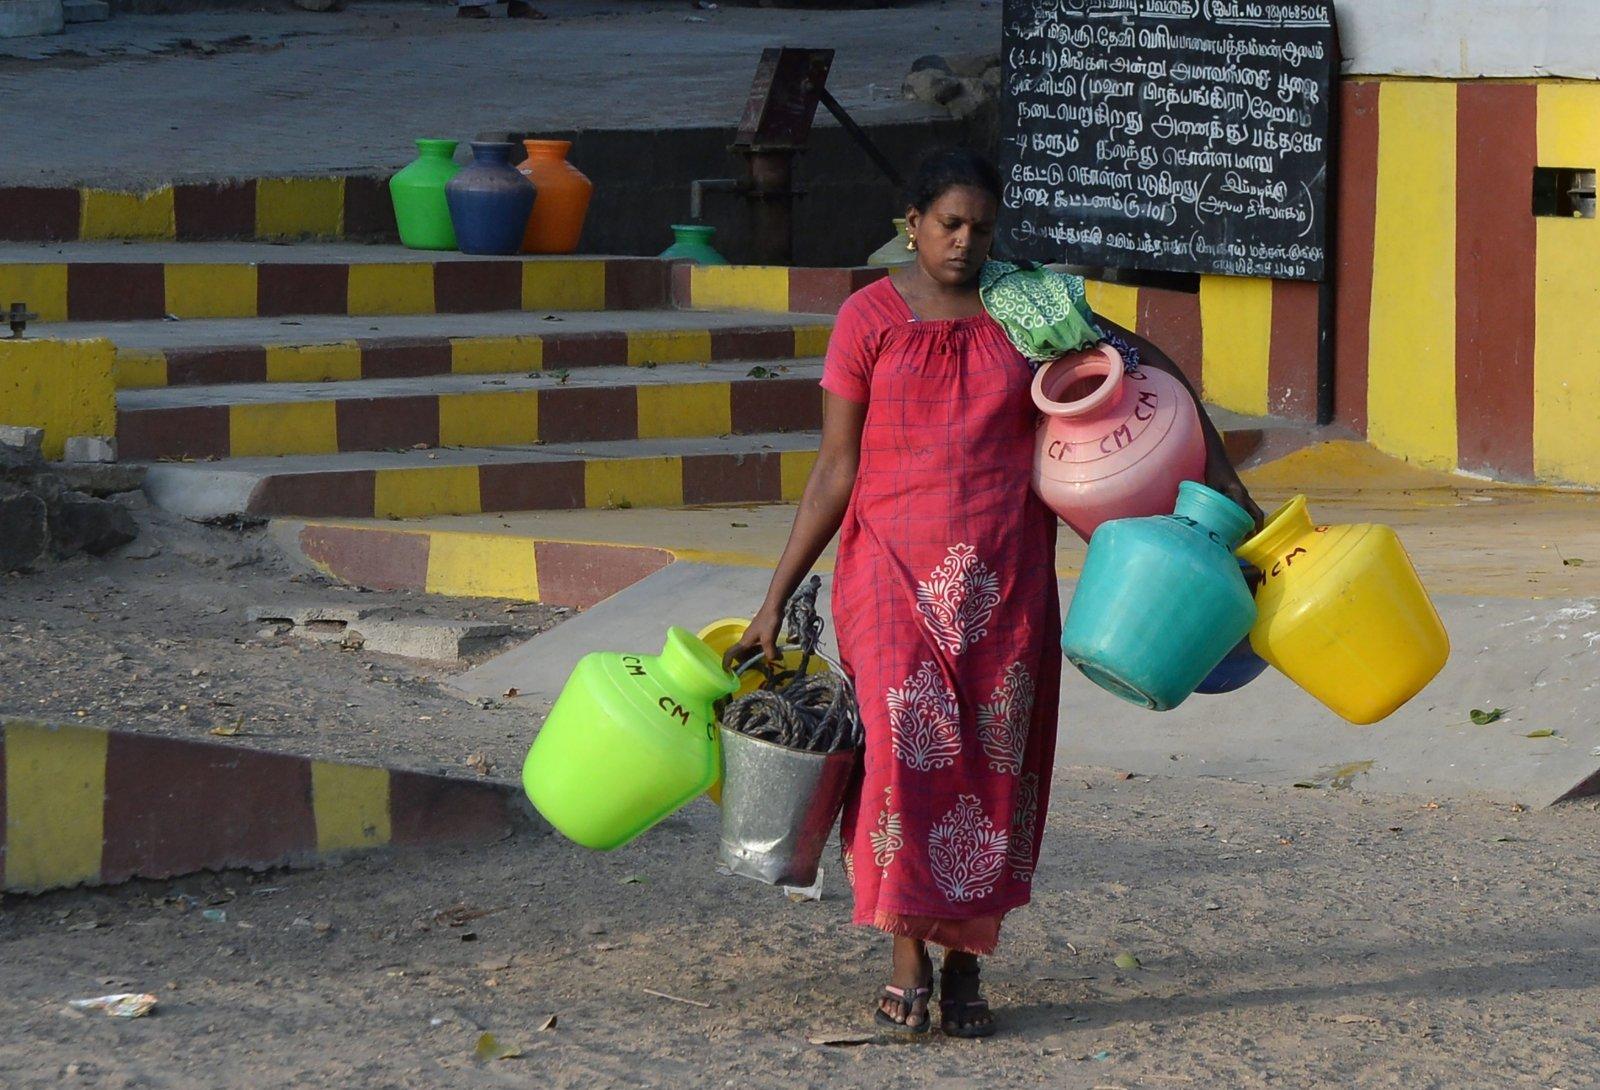 prekyba valiutos pasirinkimo galimybe indijoje